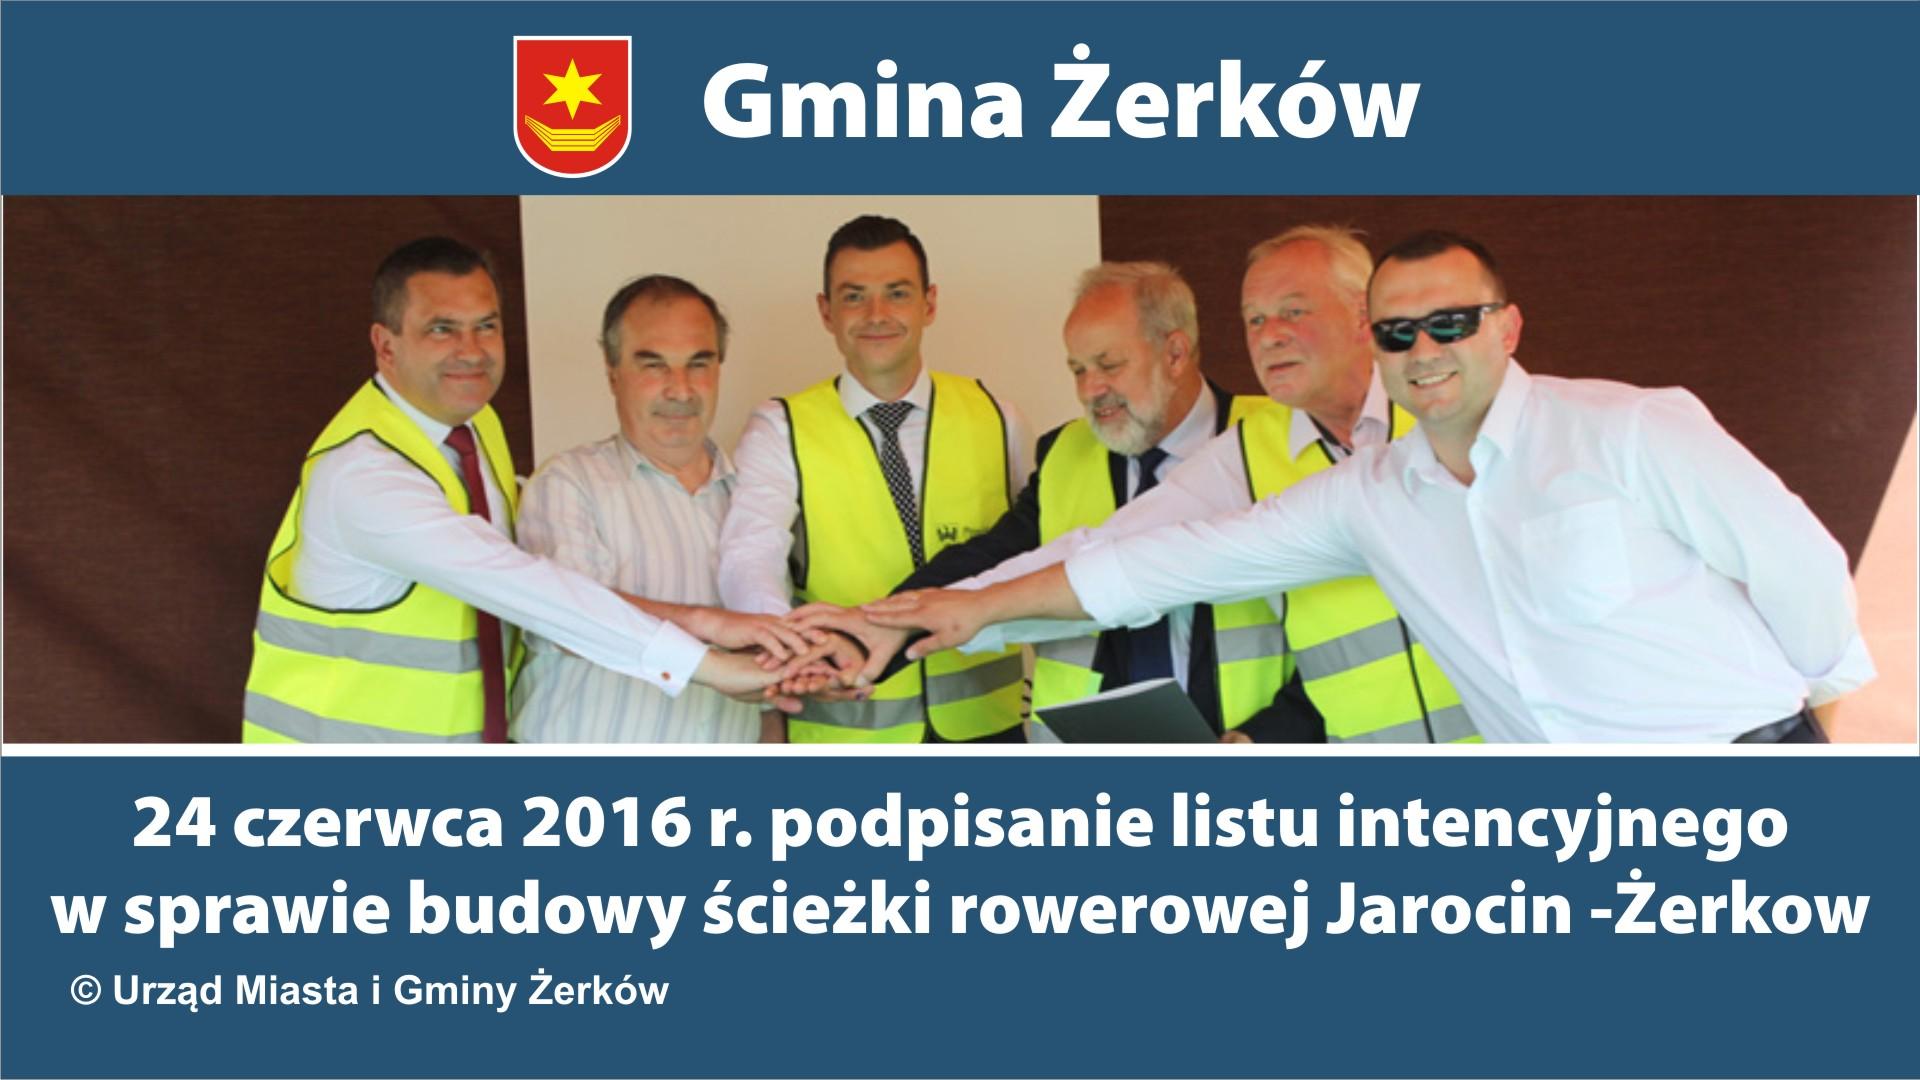 24 czerwca 2016 r.- Podpisanie listu intencyjnego wsprawie budowy ścieżki rowerowej Jarocin- Wilkowyja- Żerków